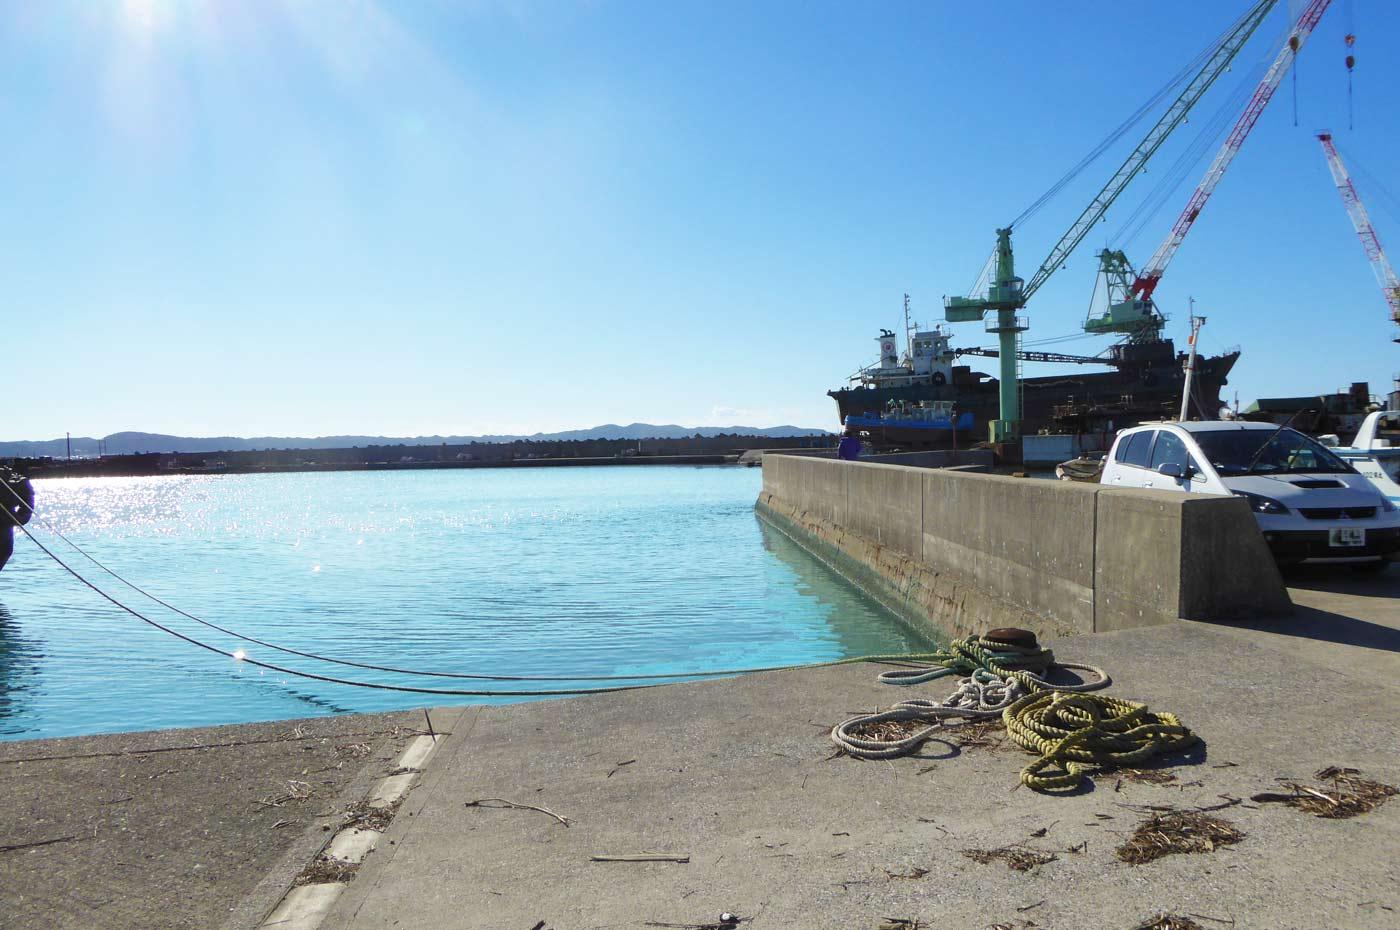 船形港 市場前の小突堤のポイント